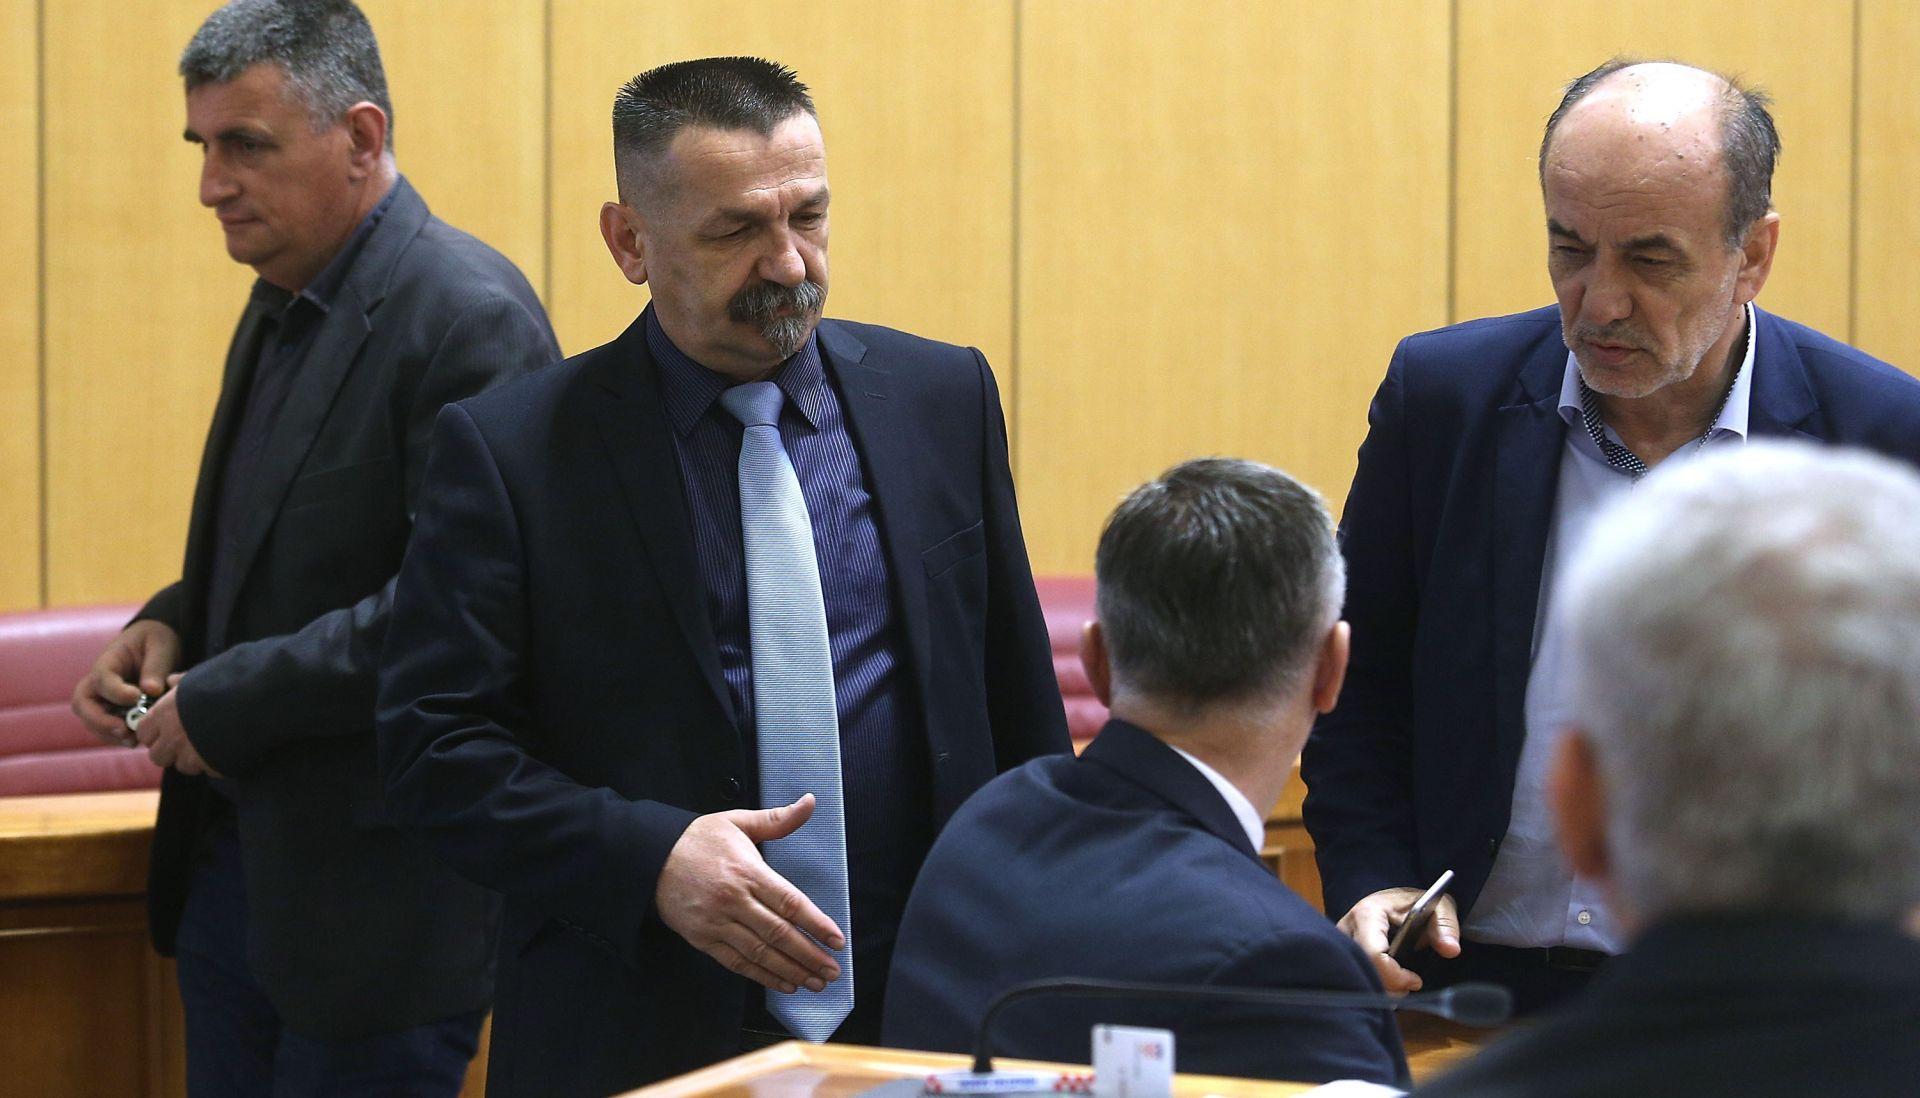 ŠRLJE TVRDI DA MINISTRI DOBRO SURAĐUJU Ćorić: Neka Most kaže je li im motiv povratak ljevice